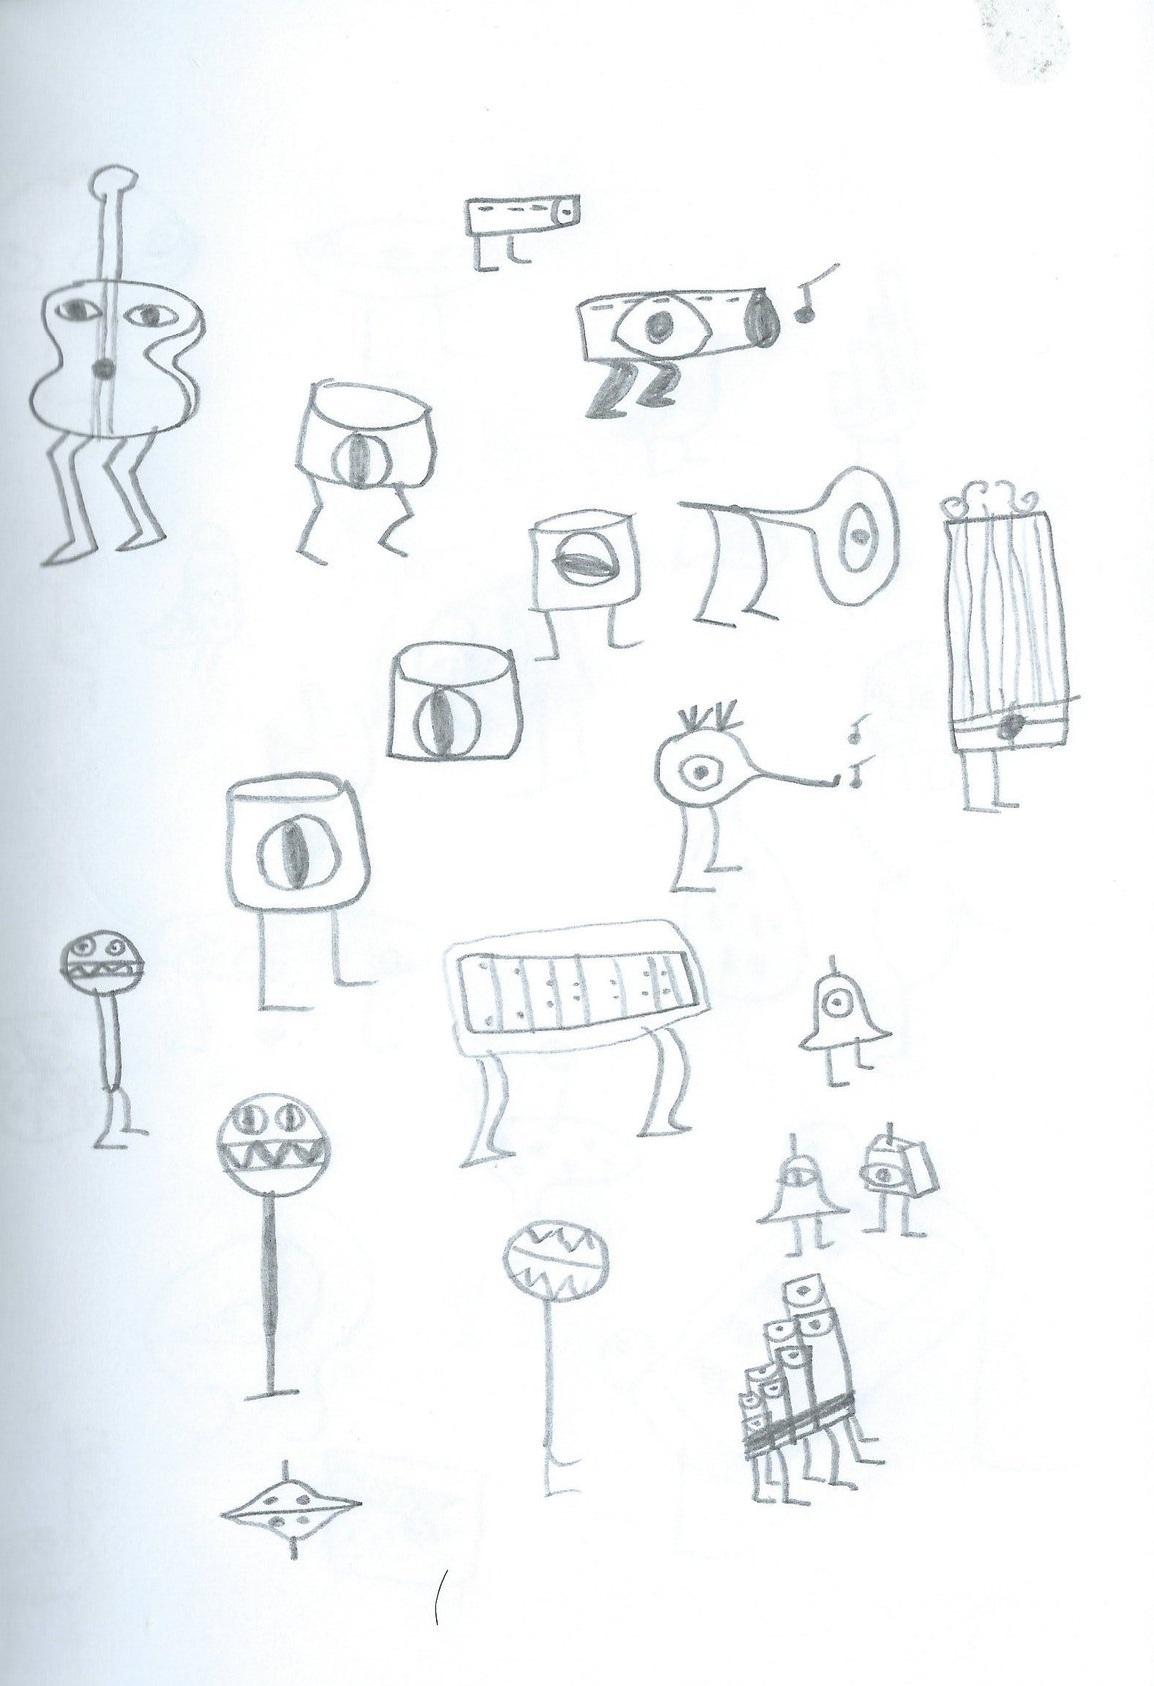 Music-Instruments-Design (1).JPG